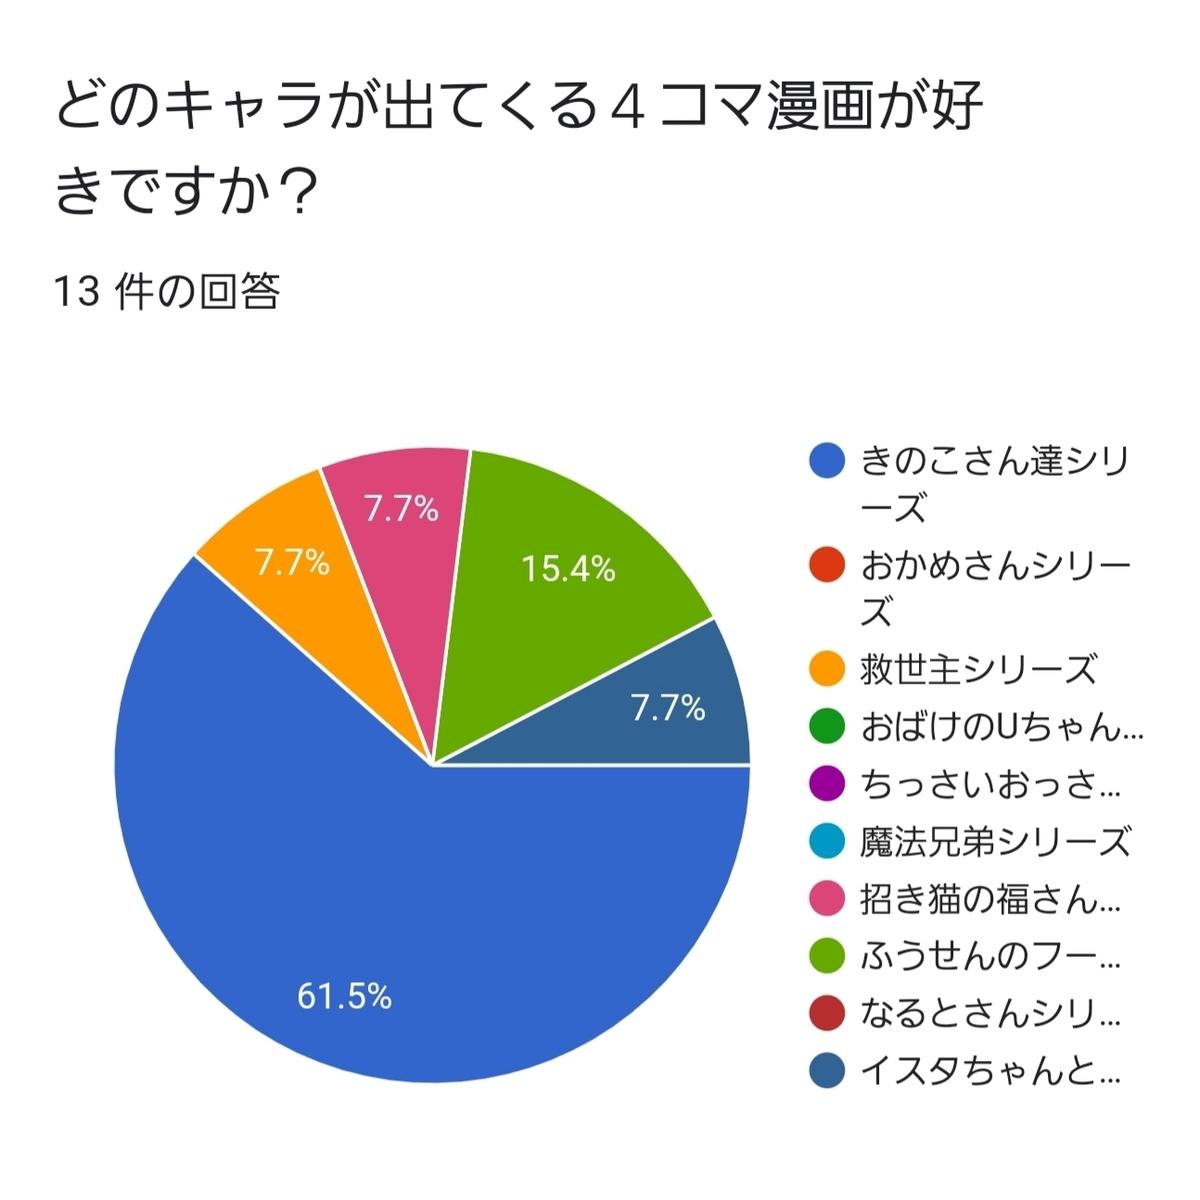 f:id:yuru-ppo:20200117031556j:plain